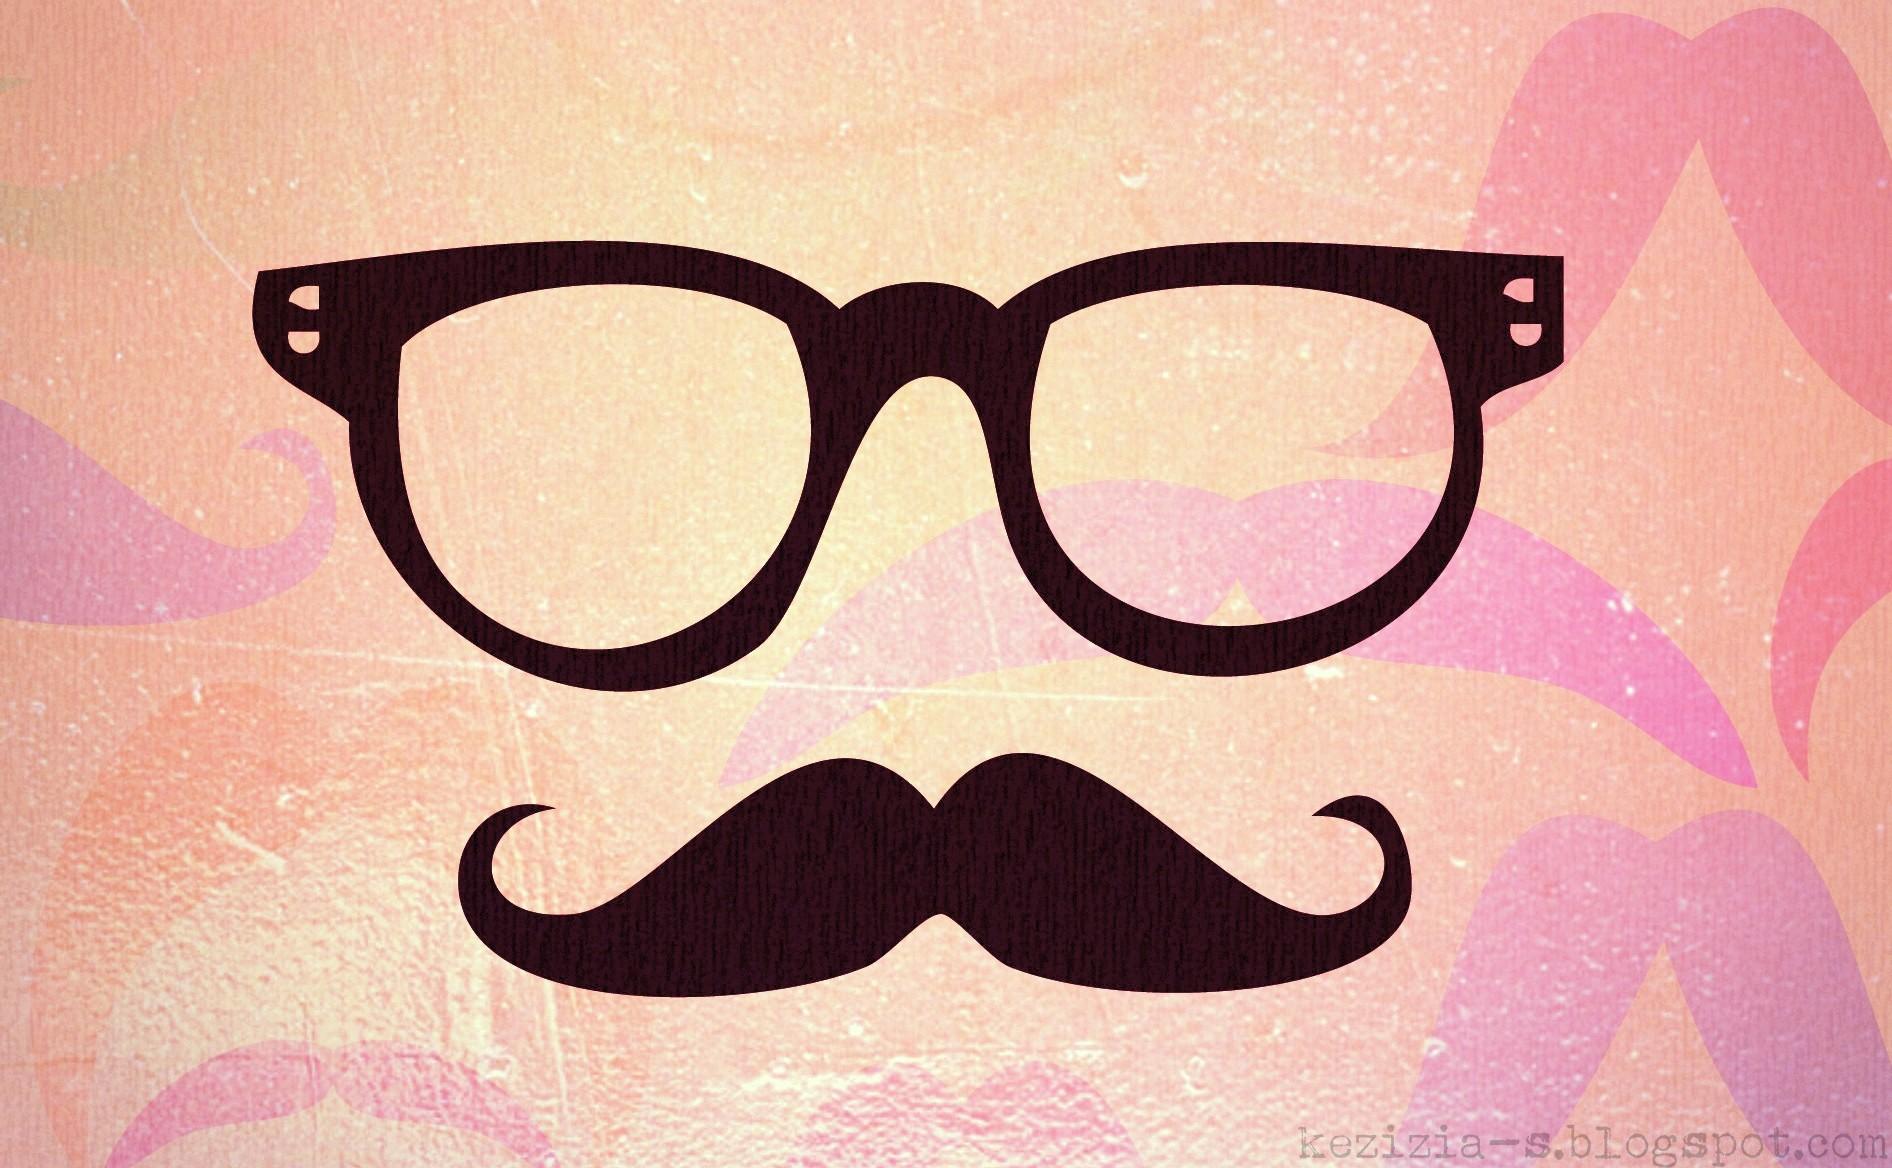 Opération #stachwithlumia : Microsoft distribue des moustaches, des Lumia 735 et plein d'autres cadeaux aux étudiants